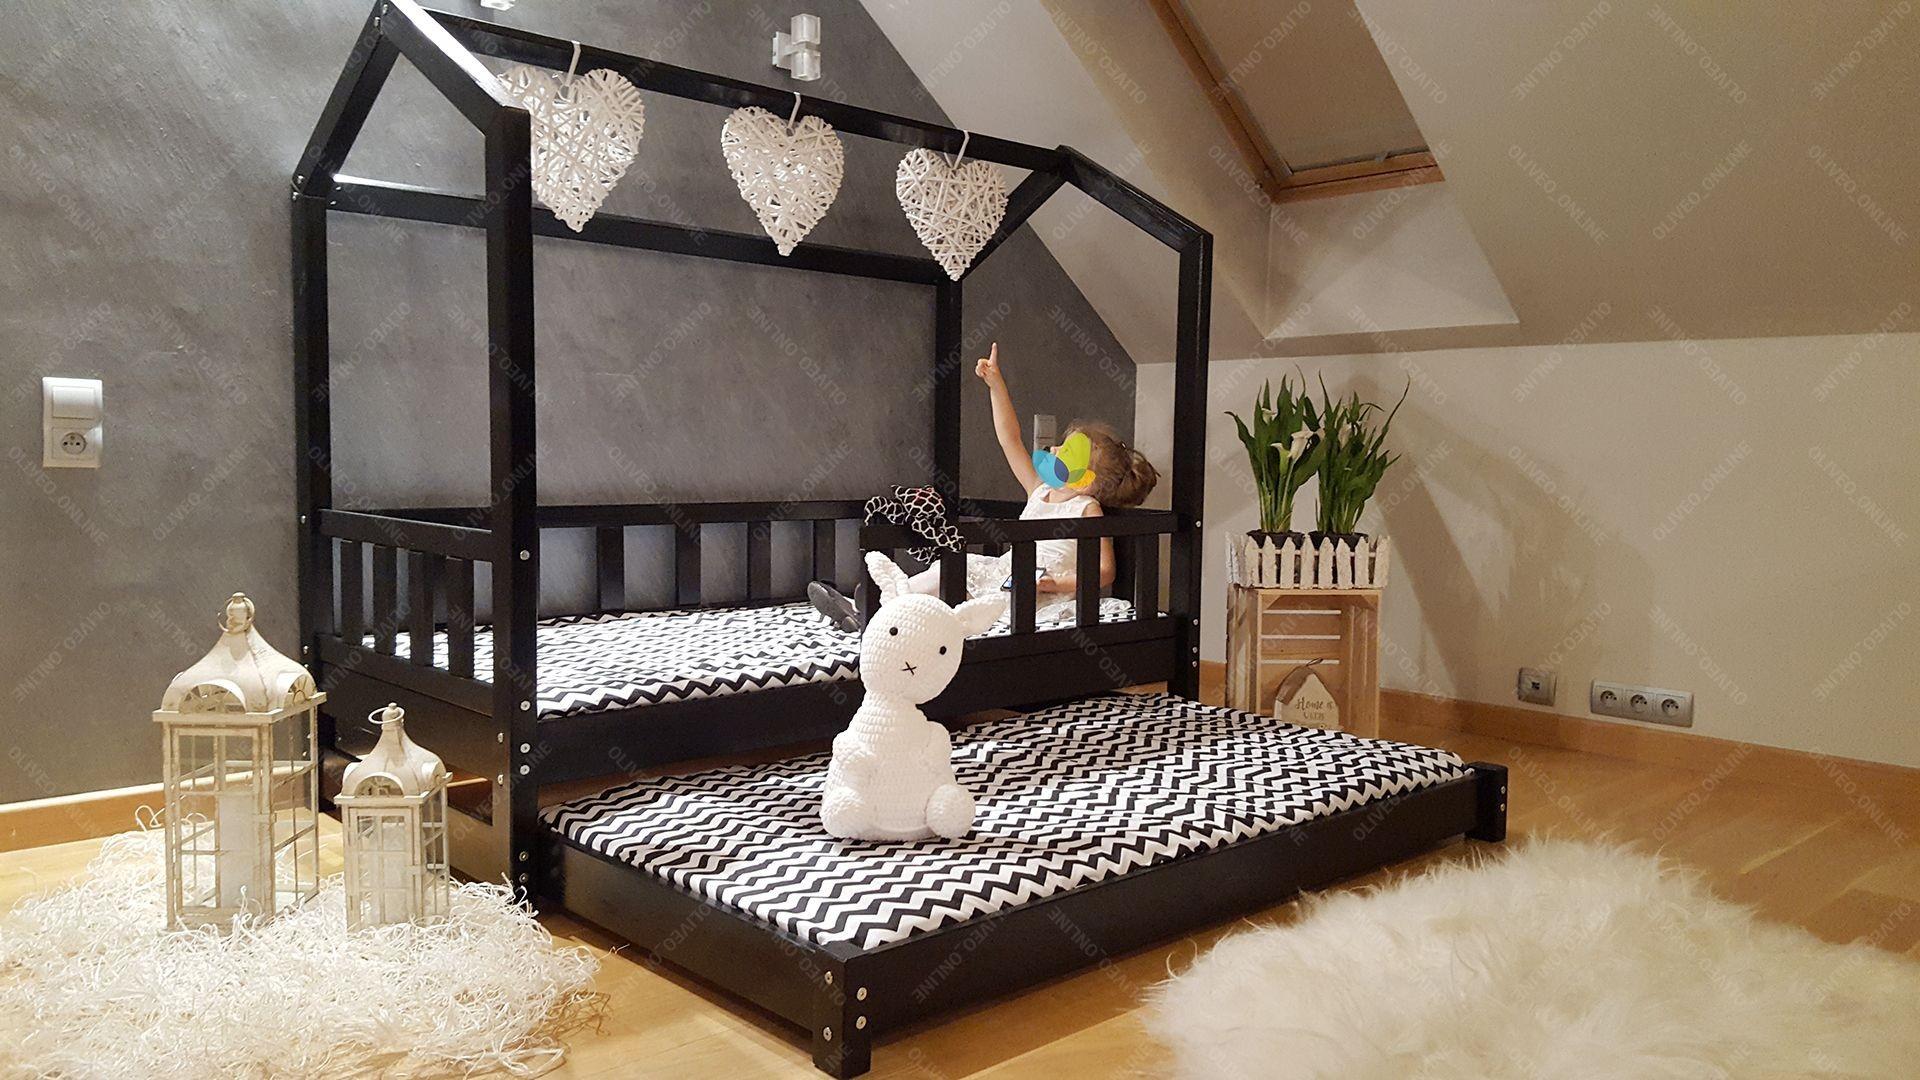 Full Size of Bett Hausbett Bella Mit Sicherheitbarieren Zweites Betten 100x200 Weiß Wohnzimmer Hausbett 100x200